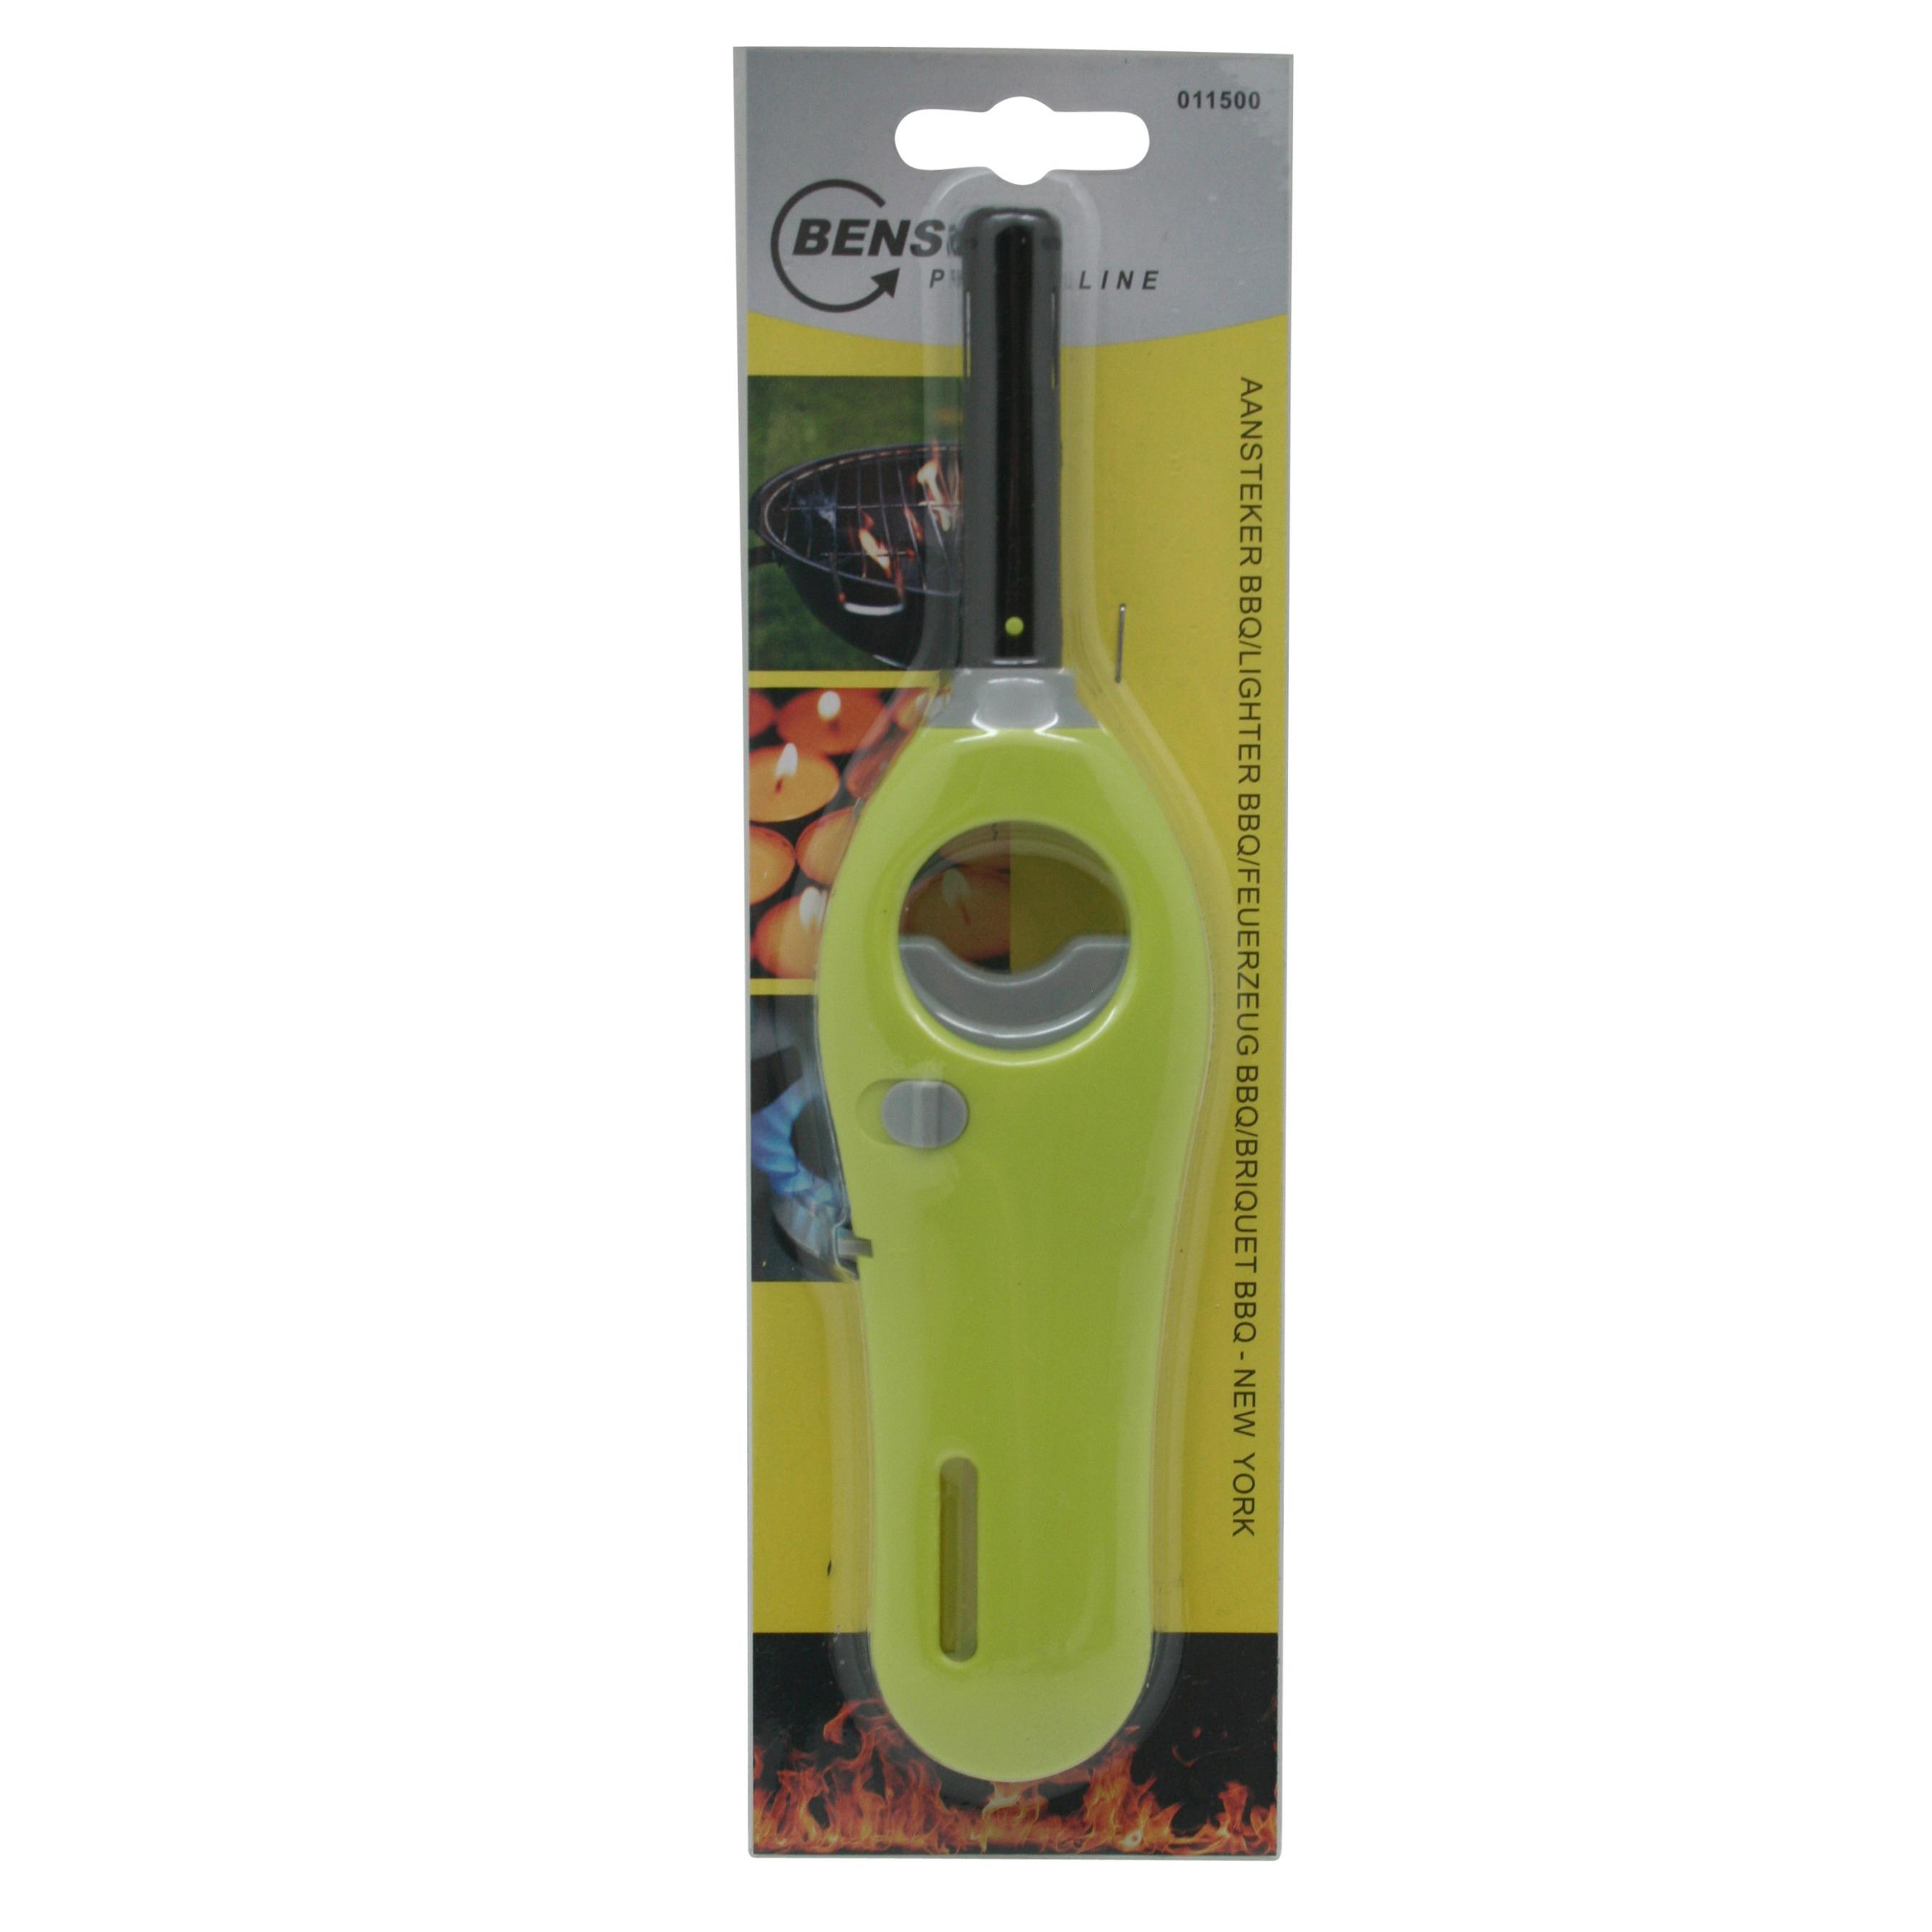 1x stuks gas-bbq-keuken aanstekers navulbaar groen 18 cm